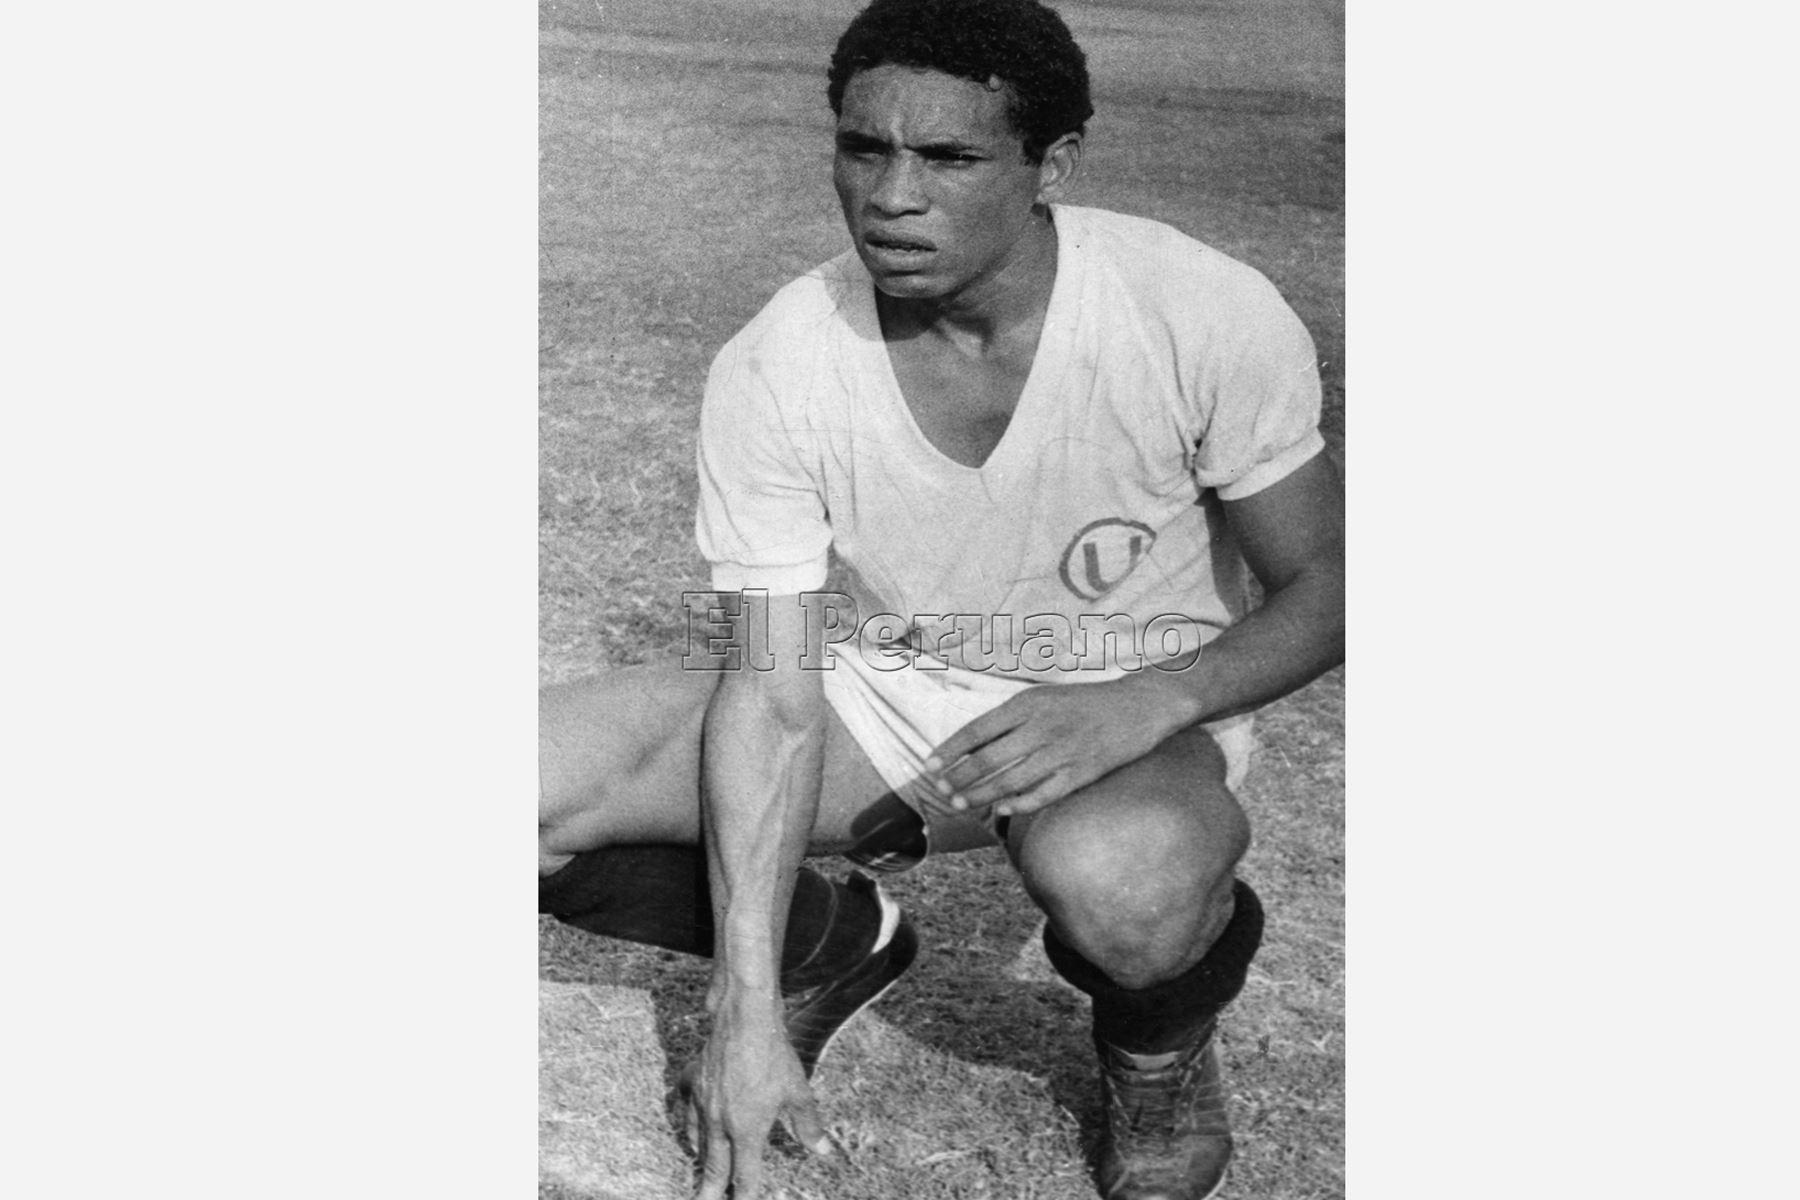 Lima - 13 mayo 1980 / Samuel Eugenio vistiendo la casaquilla del Universitario de Deportes.    Foto: Archivo diario El Peruano